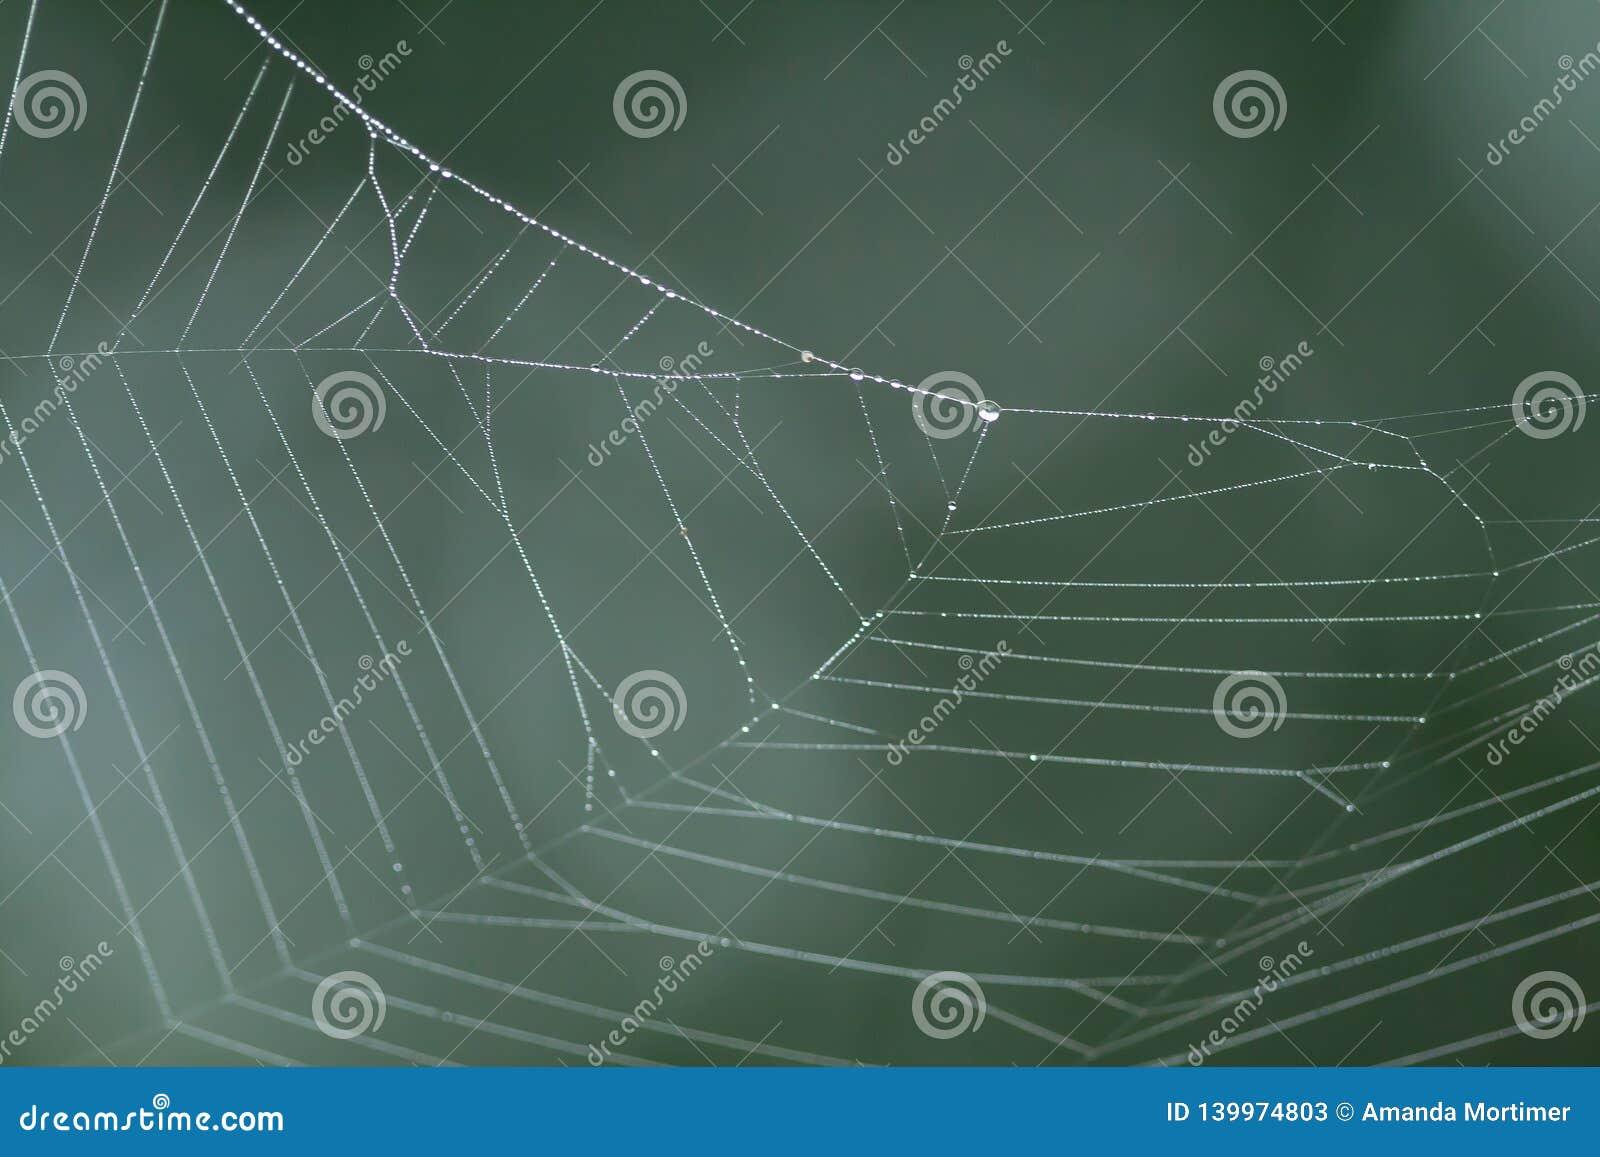 Web de araña con gotas de lluvia